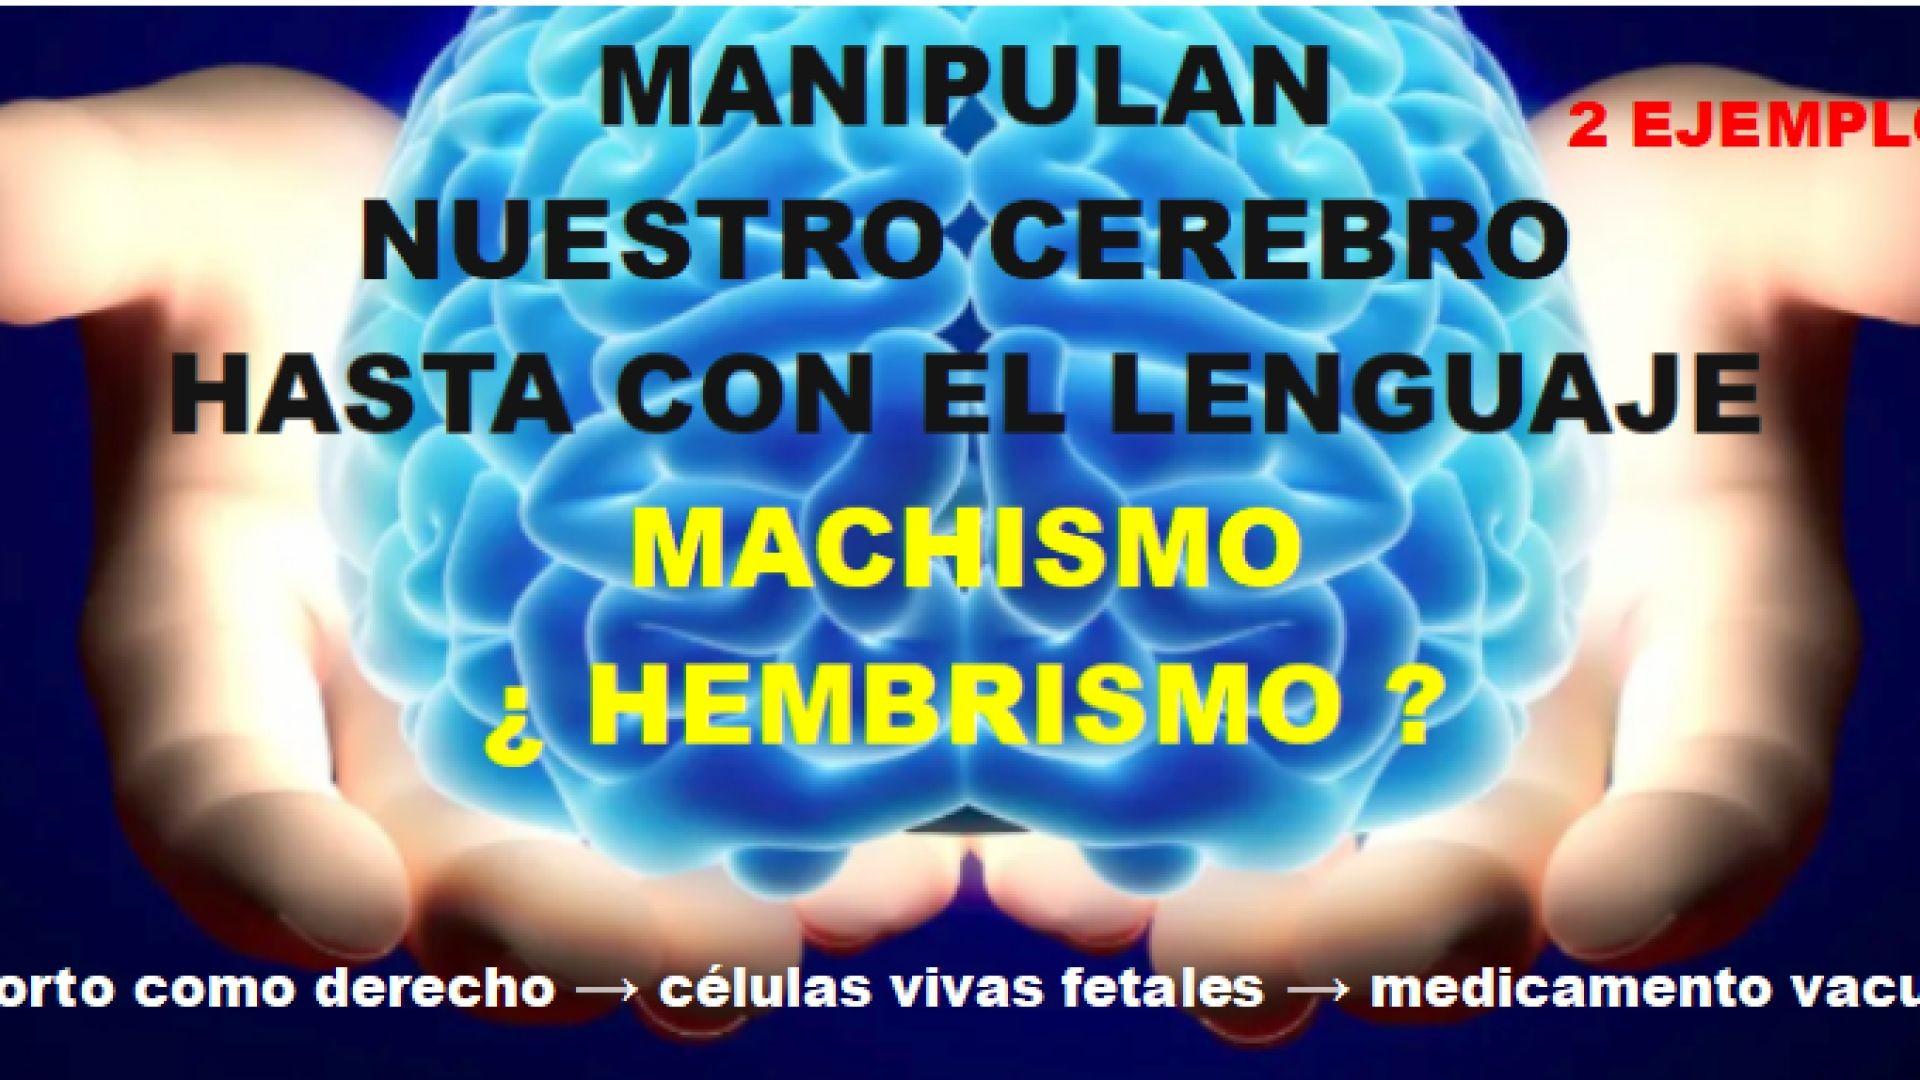 MACHISMO - HEMBRISMO - MANIPULAN HASTA EL LEGUAJE